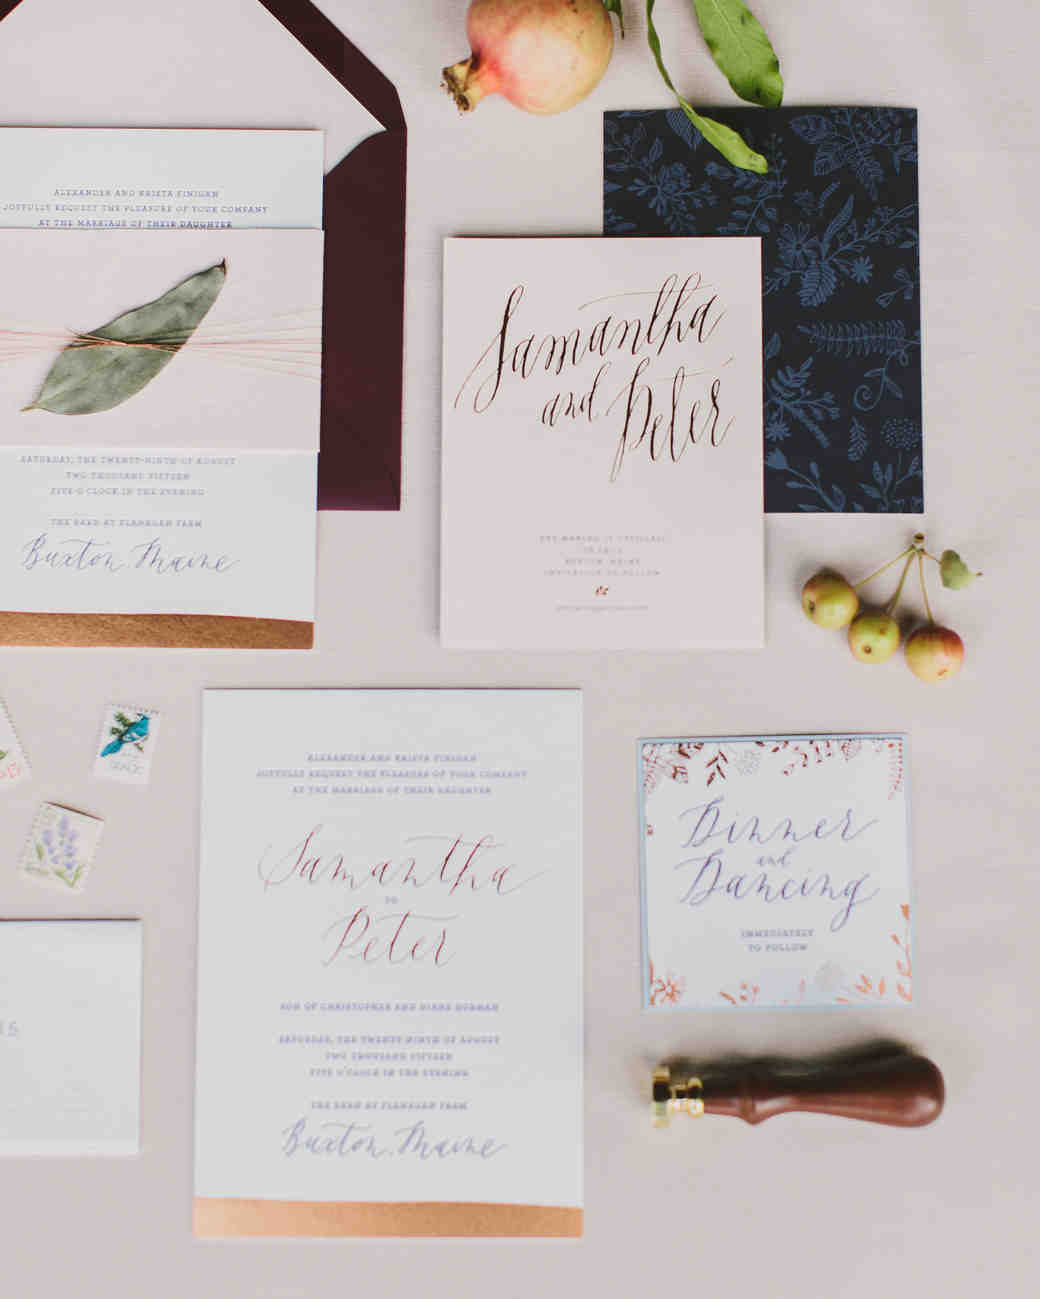 29 Ideas for Unique Wedding Invitations Martha Stewart Weddings